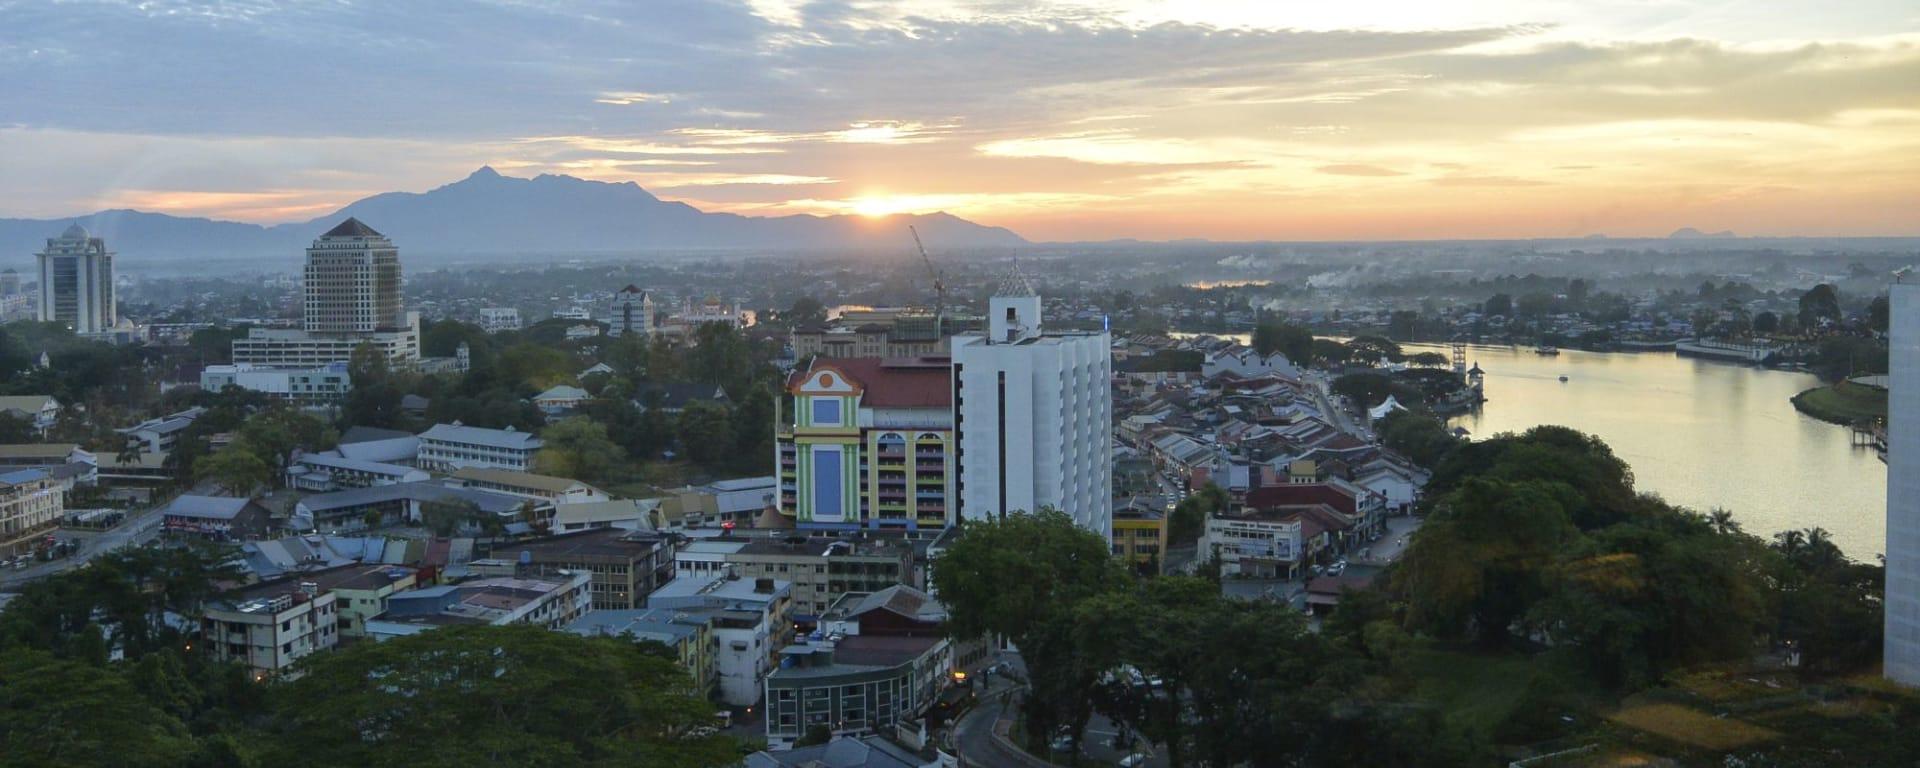 Les hauts lieux de Bornéo de Kuching: Kuching